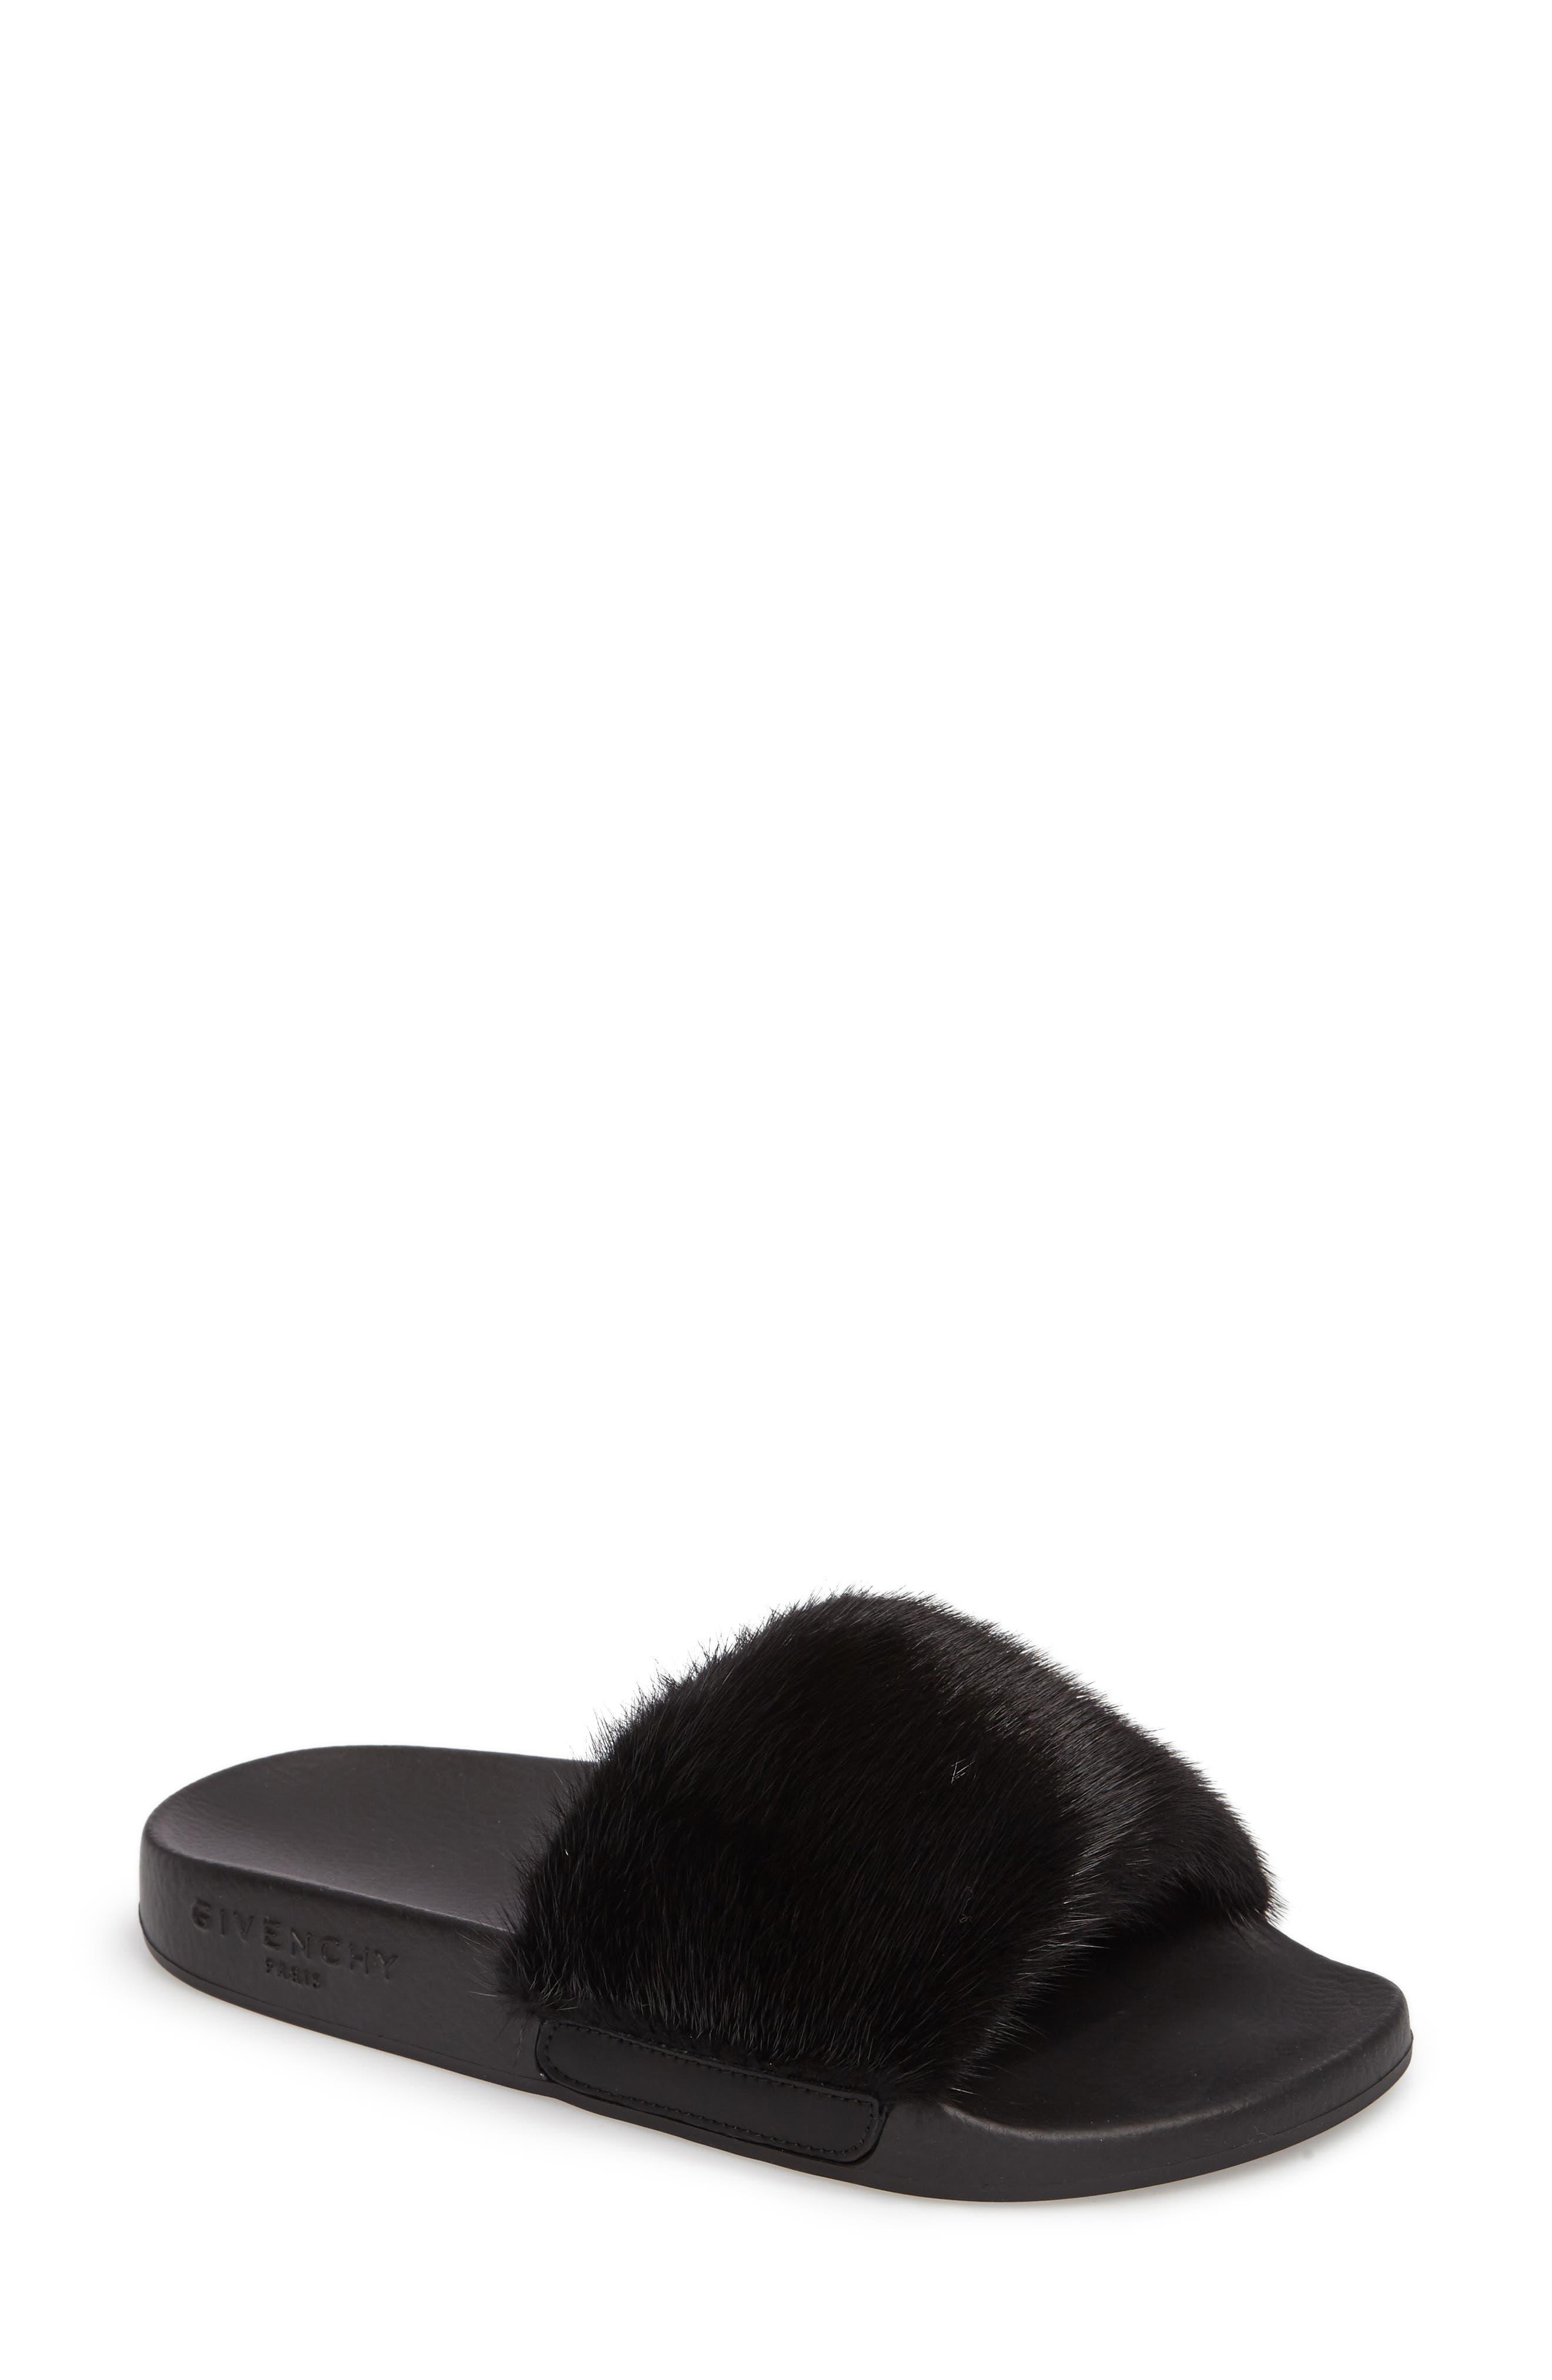 Genuine Mink Fur Slide Sandal,                             Main thumbnail 1, color,                             BLACK MINK